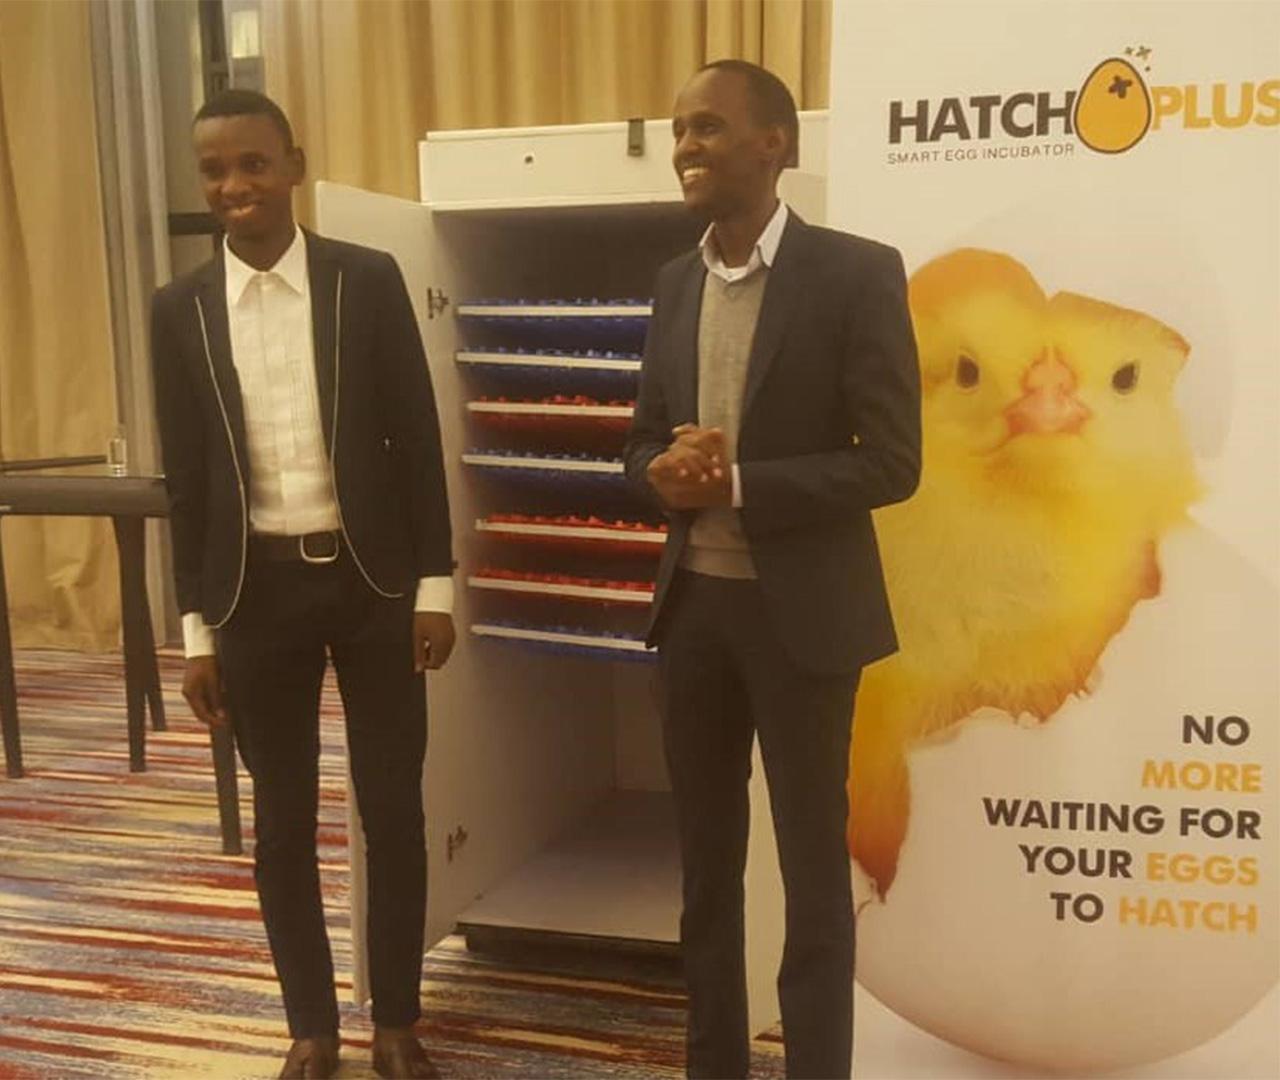 事業の説明をするハッチプラス代表のイマニ・ボラさん(左)とICT商工会議所のアレックス・ナーレCEO